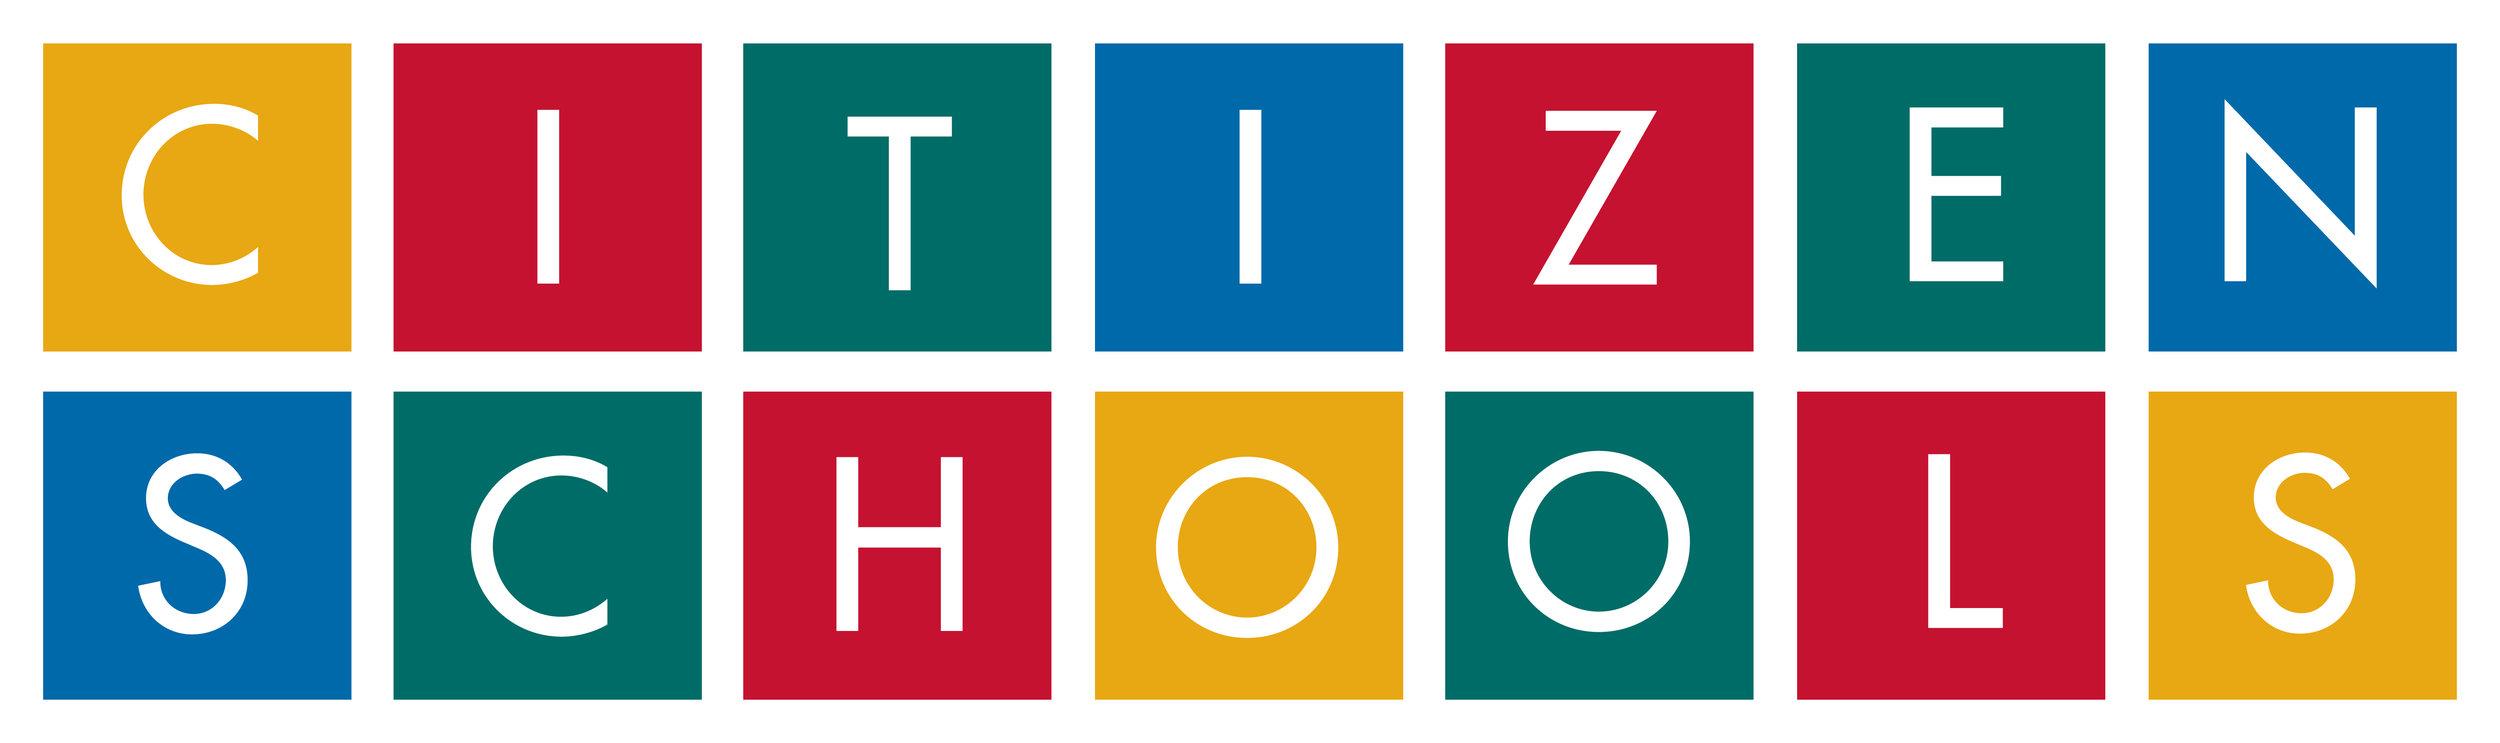 Big-Citizen-Schools-Color-Logo-JPEG.jpg